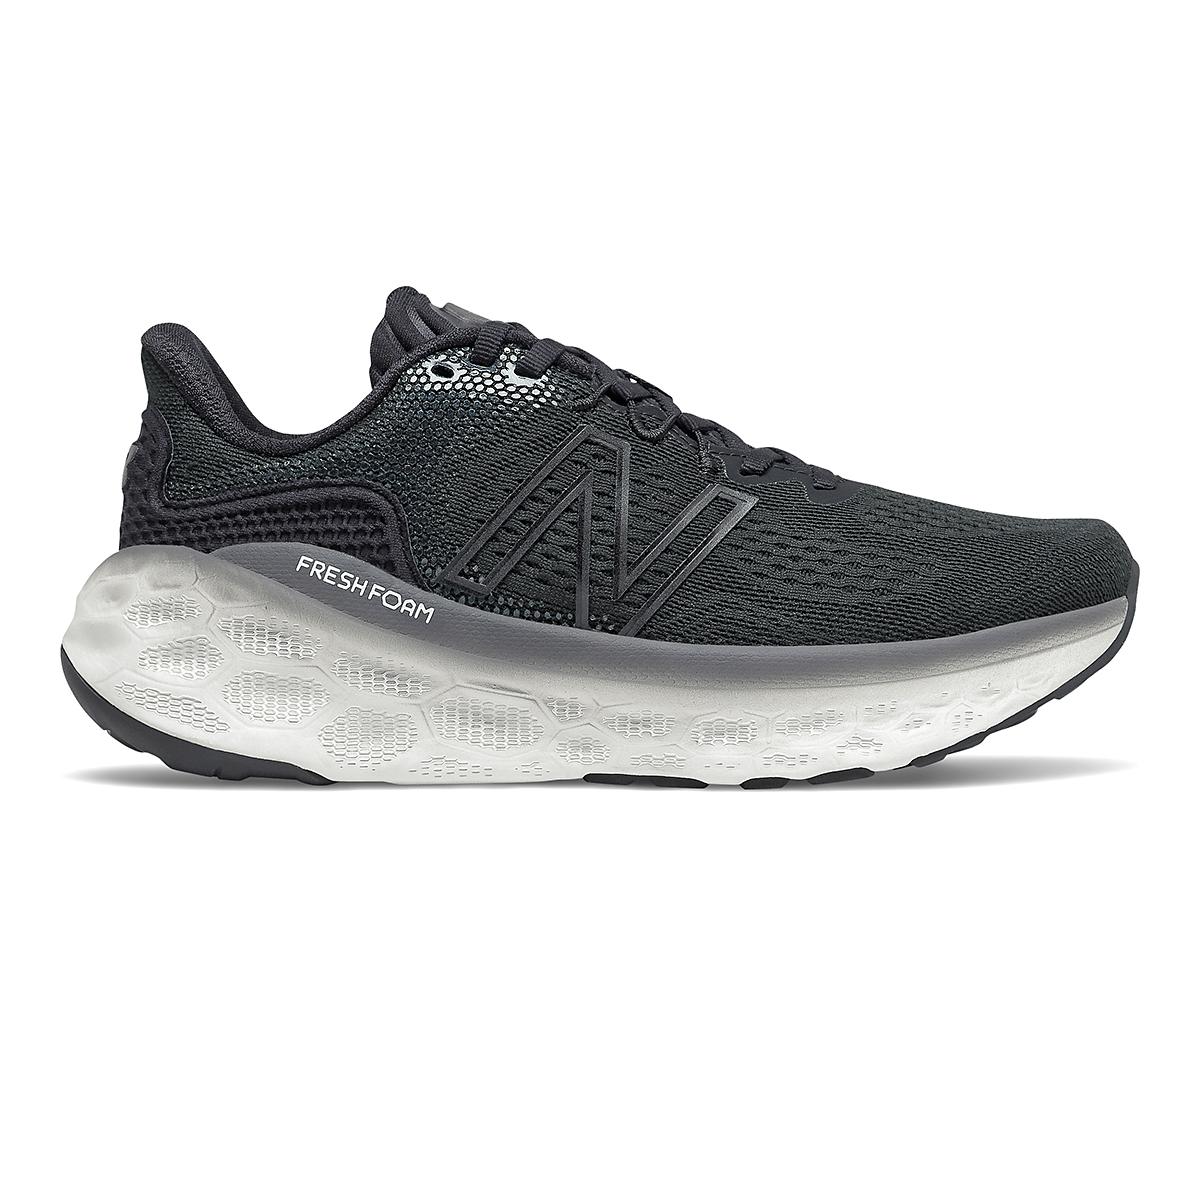 Women's New Balance Fresh Foam More V3 Running Shoe - Color: Black/Magnet - Size: 5 - Width: Extra Wide, Black/Magnet, large, image 1